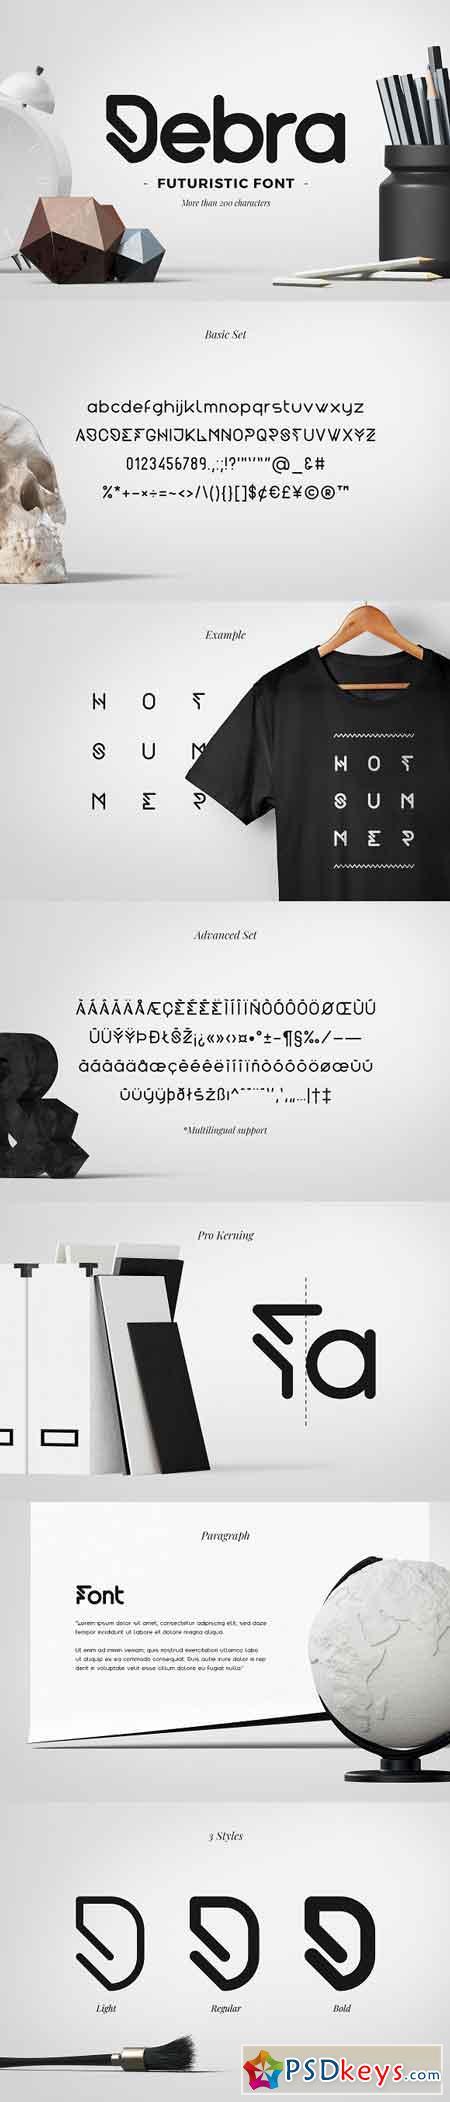 Debra Rounded - Futuristic Typeface 2477633